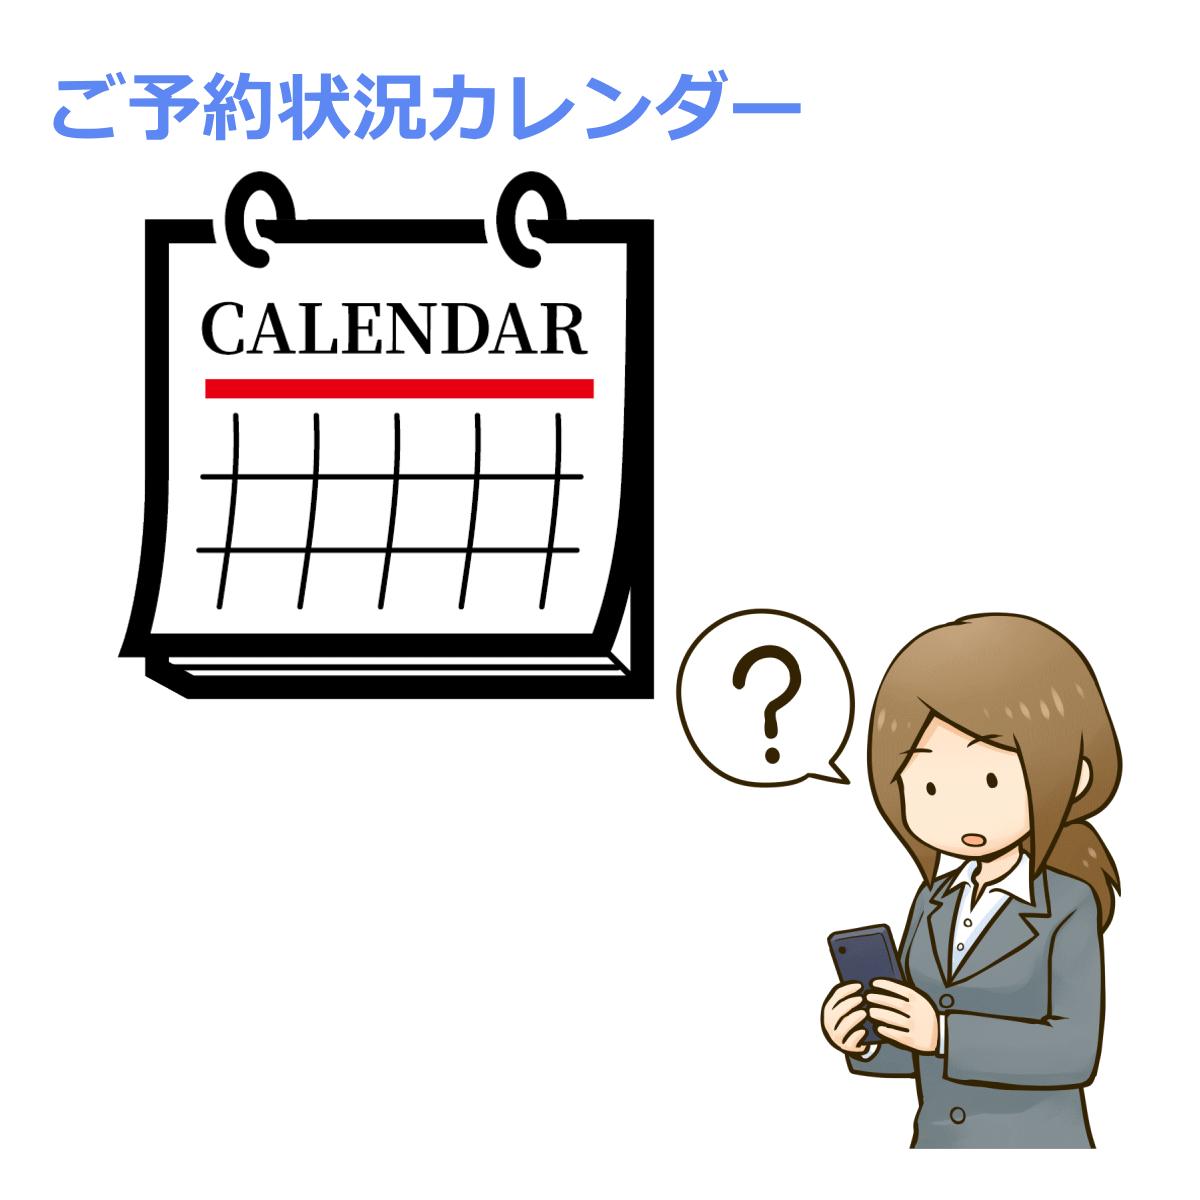 ご予約状況カレンダーの表示切替方法を表わすイメージ